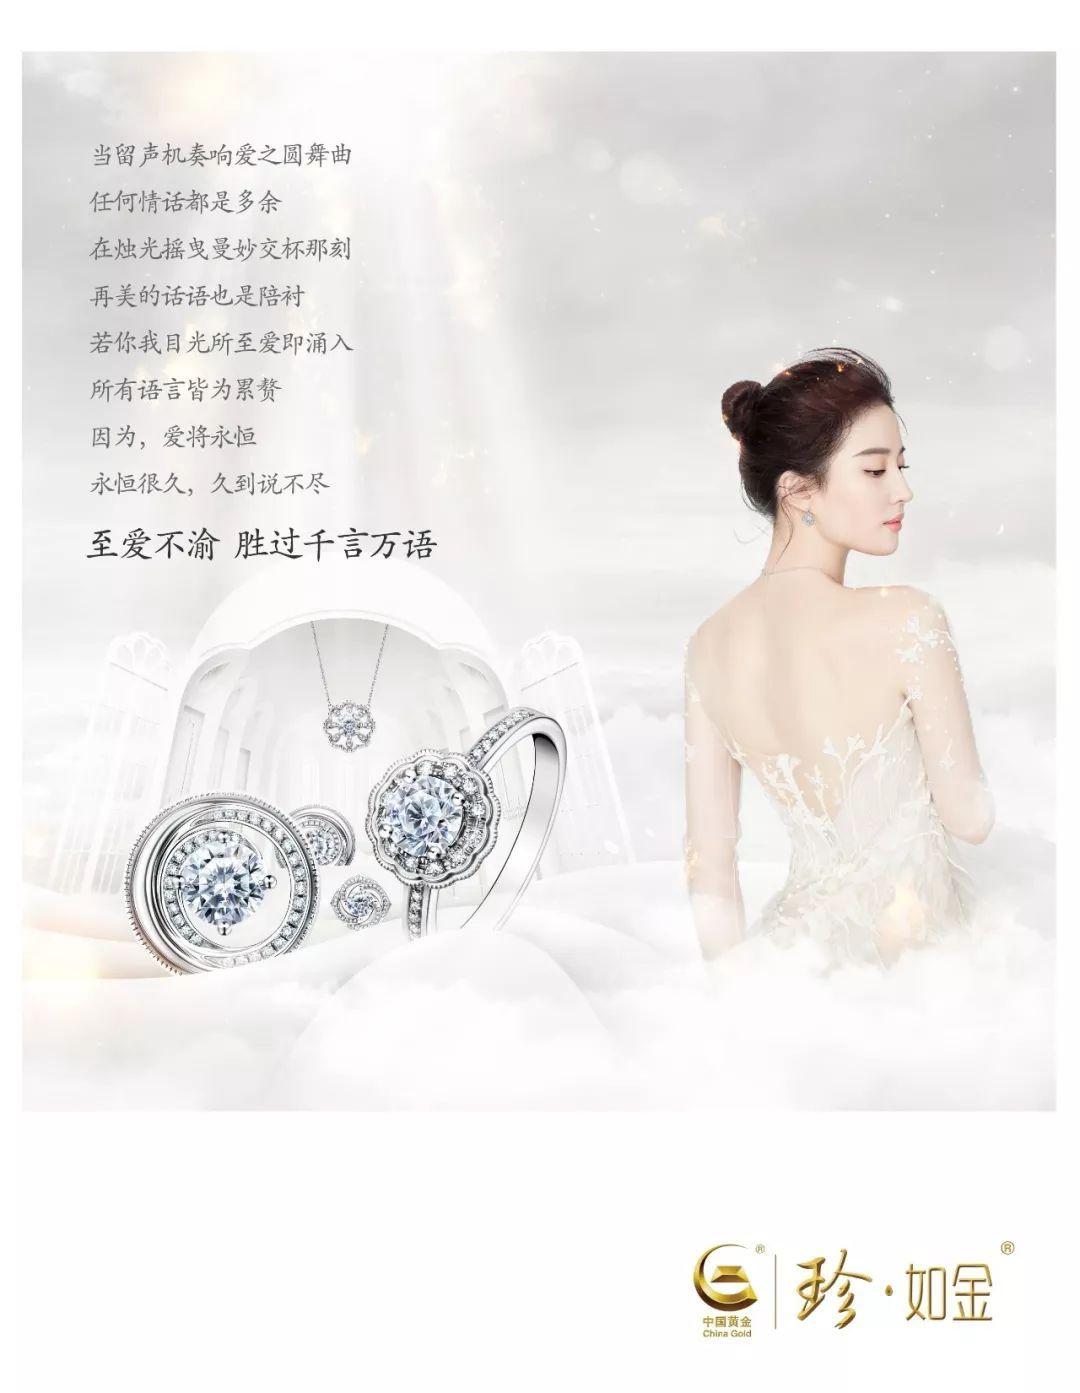 刘亦菲:真正的美好,永远溢彩流光